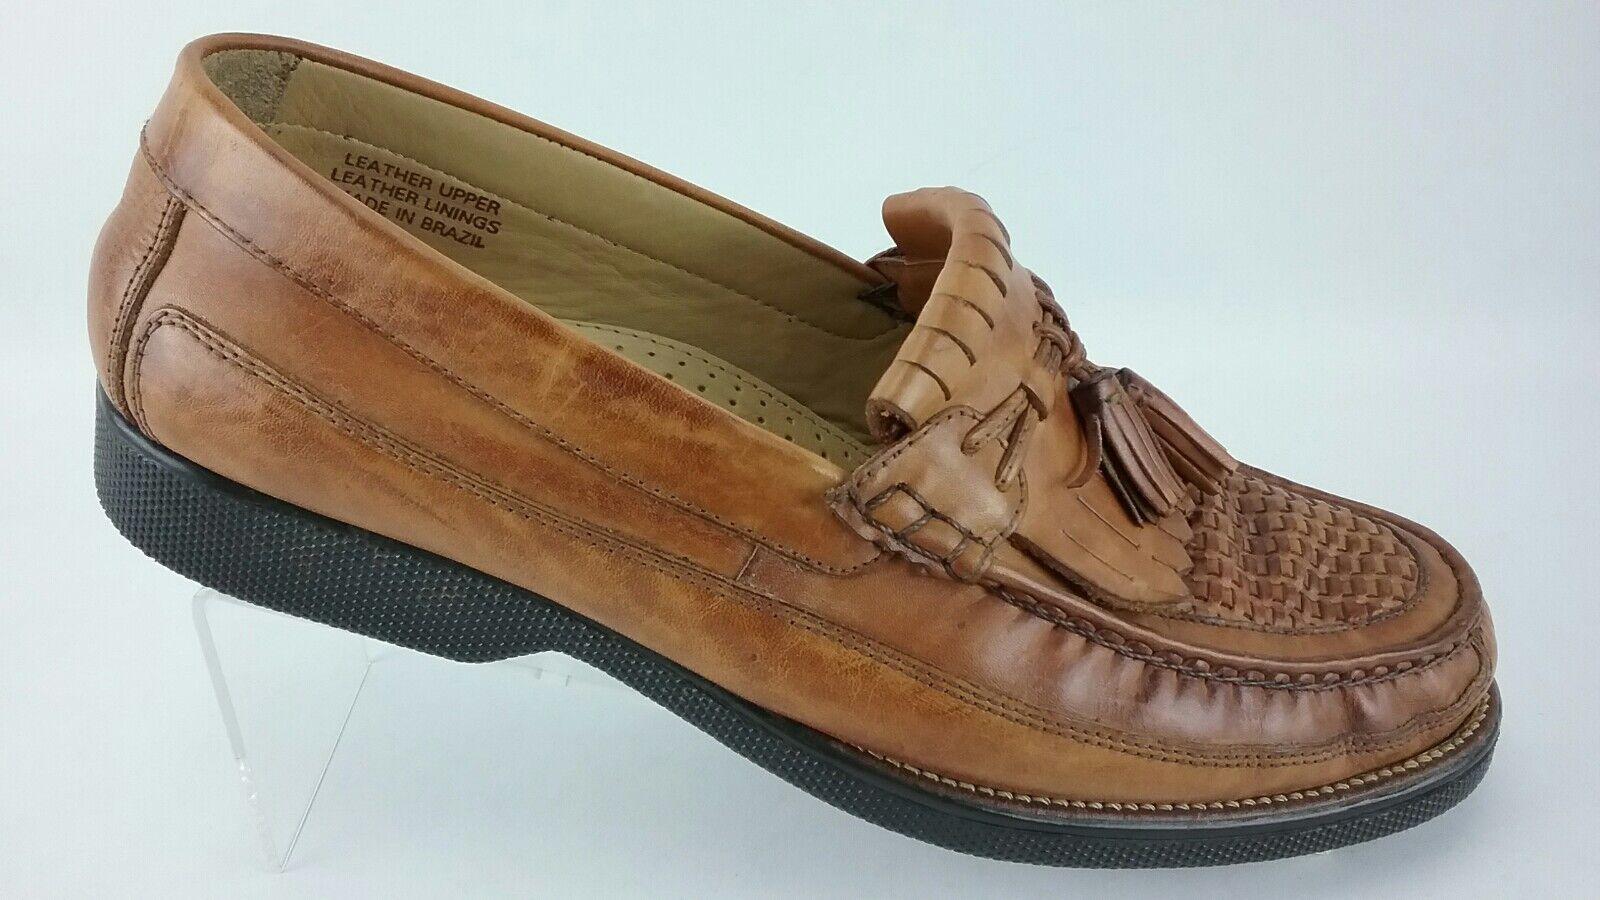 Florsheim Men's Tassel Kiltie Woven MocToe Size 11 D Tan Loafer shoes R3S3